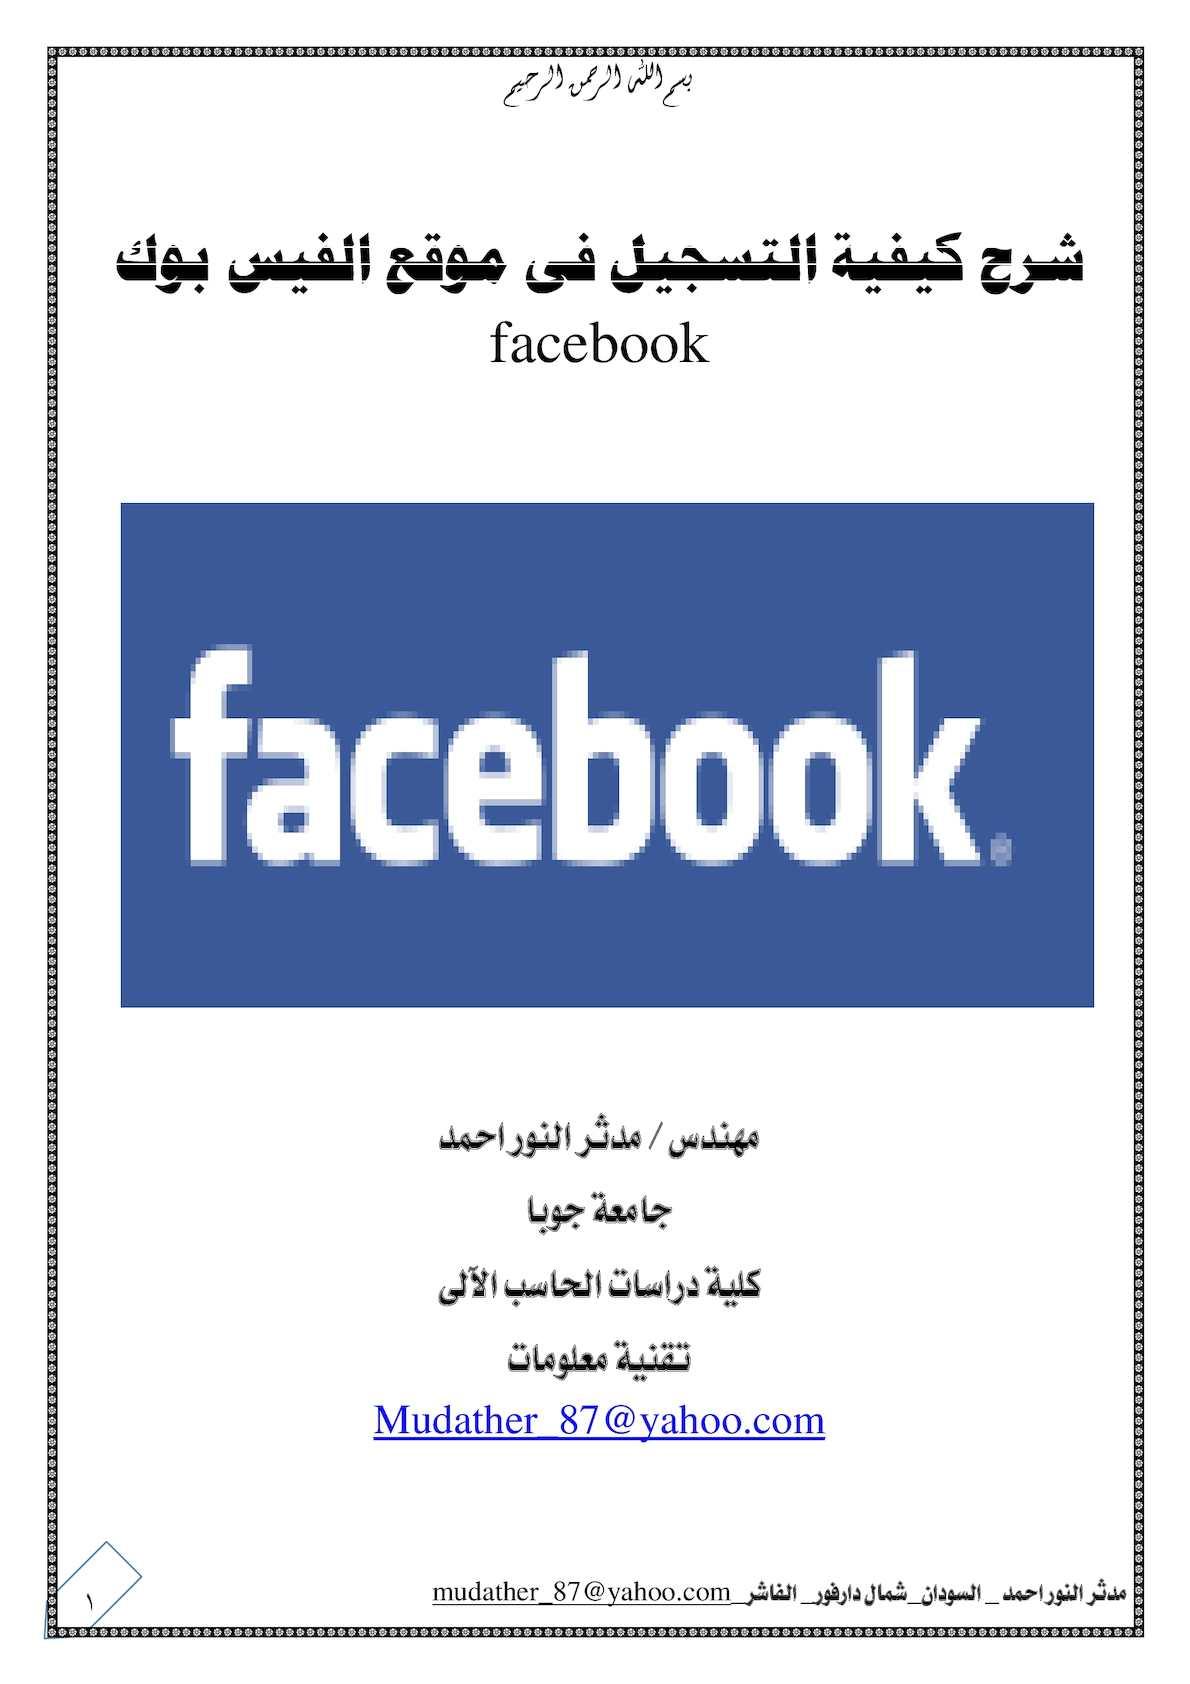 شرح الفيسبوك بالعربي